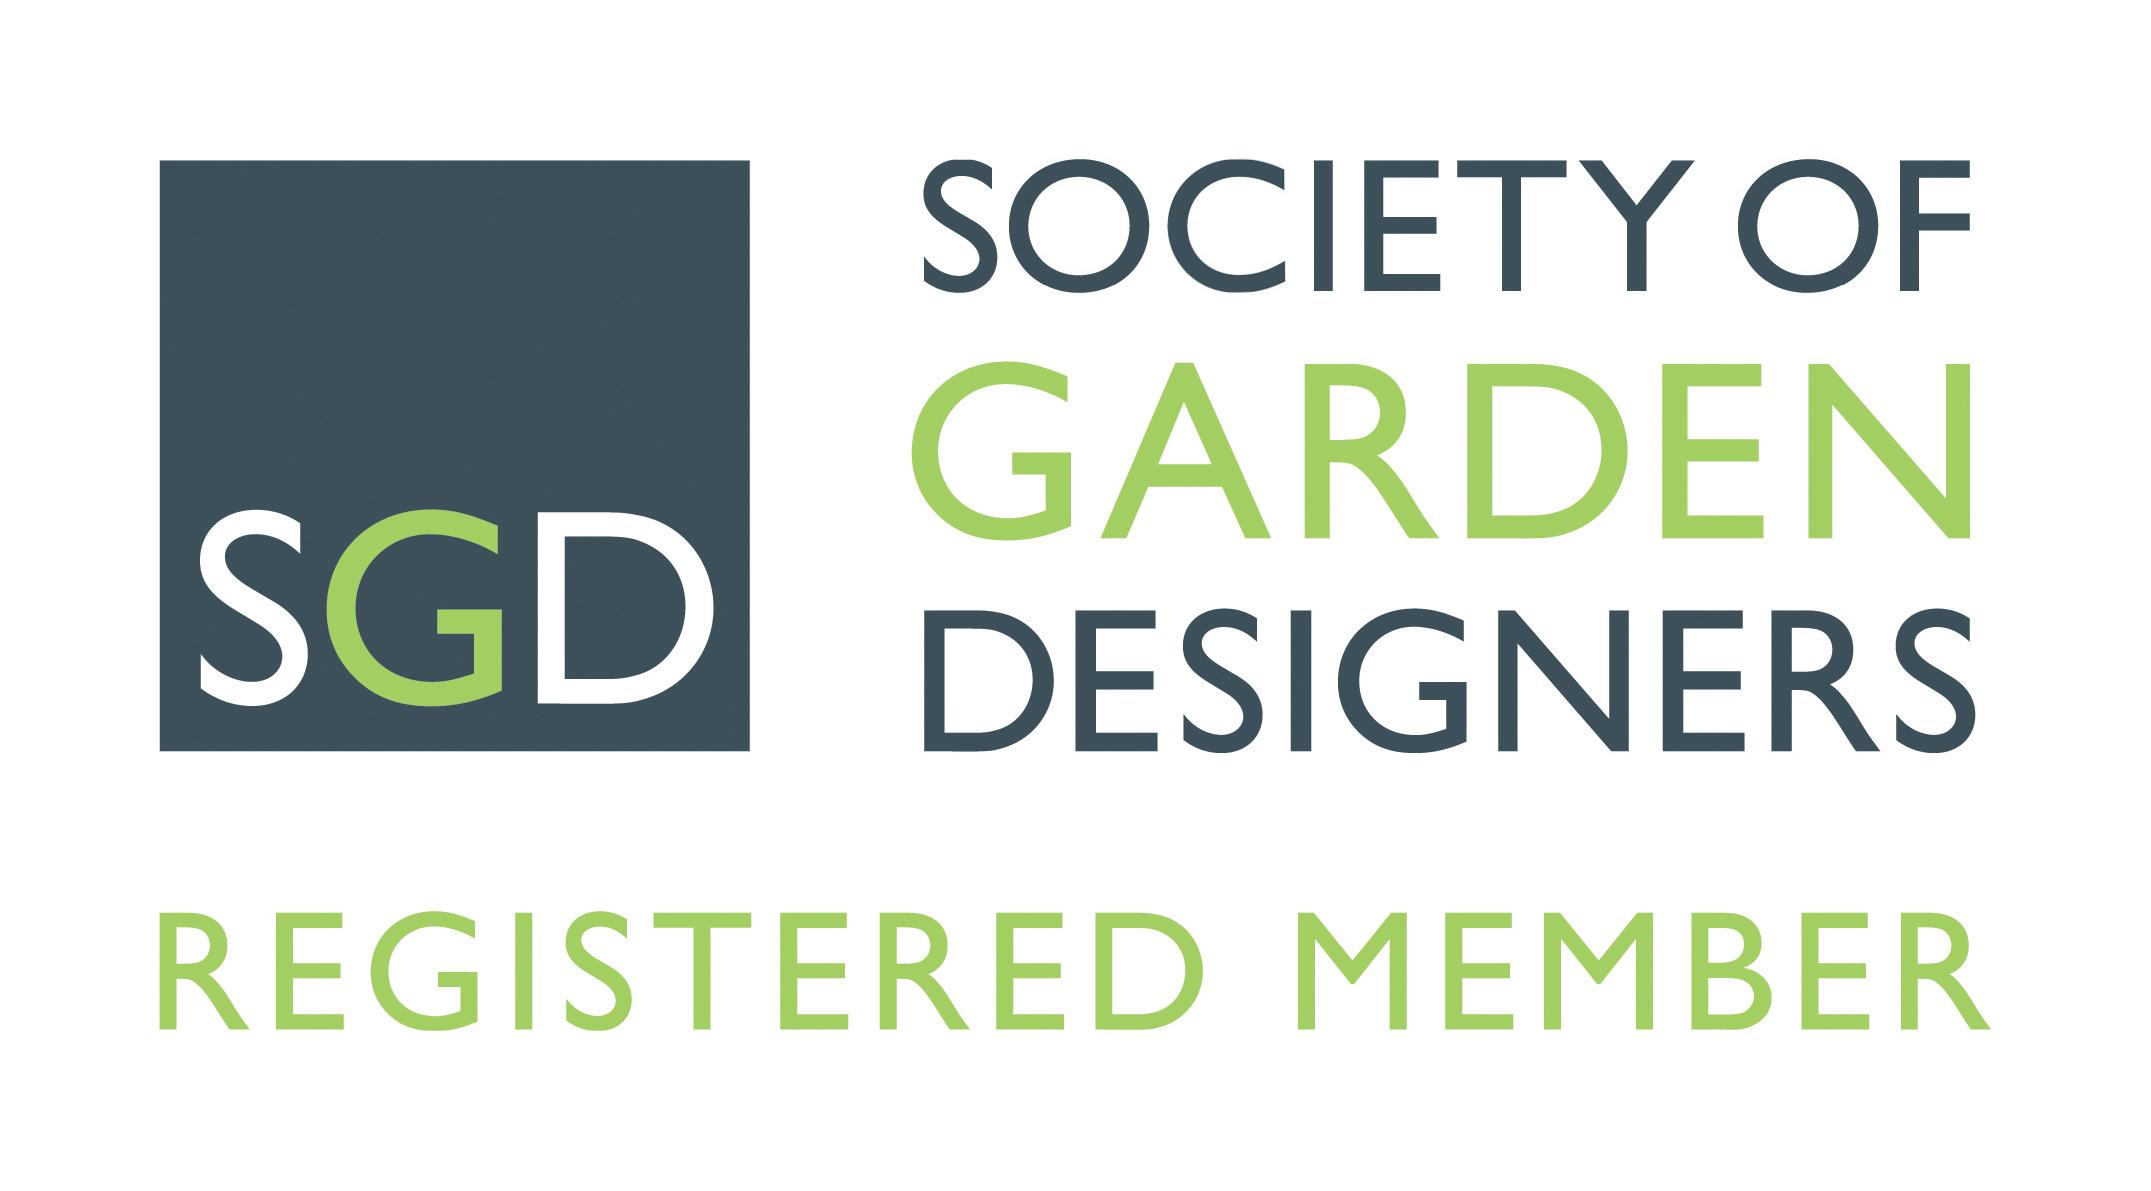 Society-of-Garden-Designers-Registered-Member-Logo